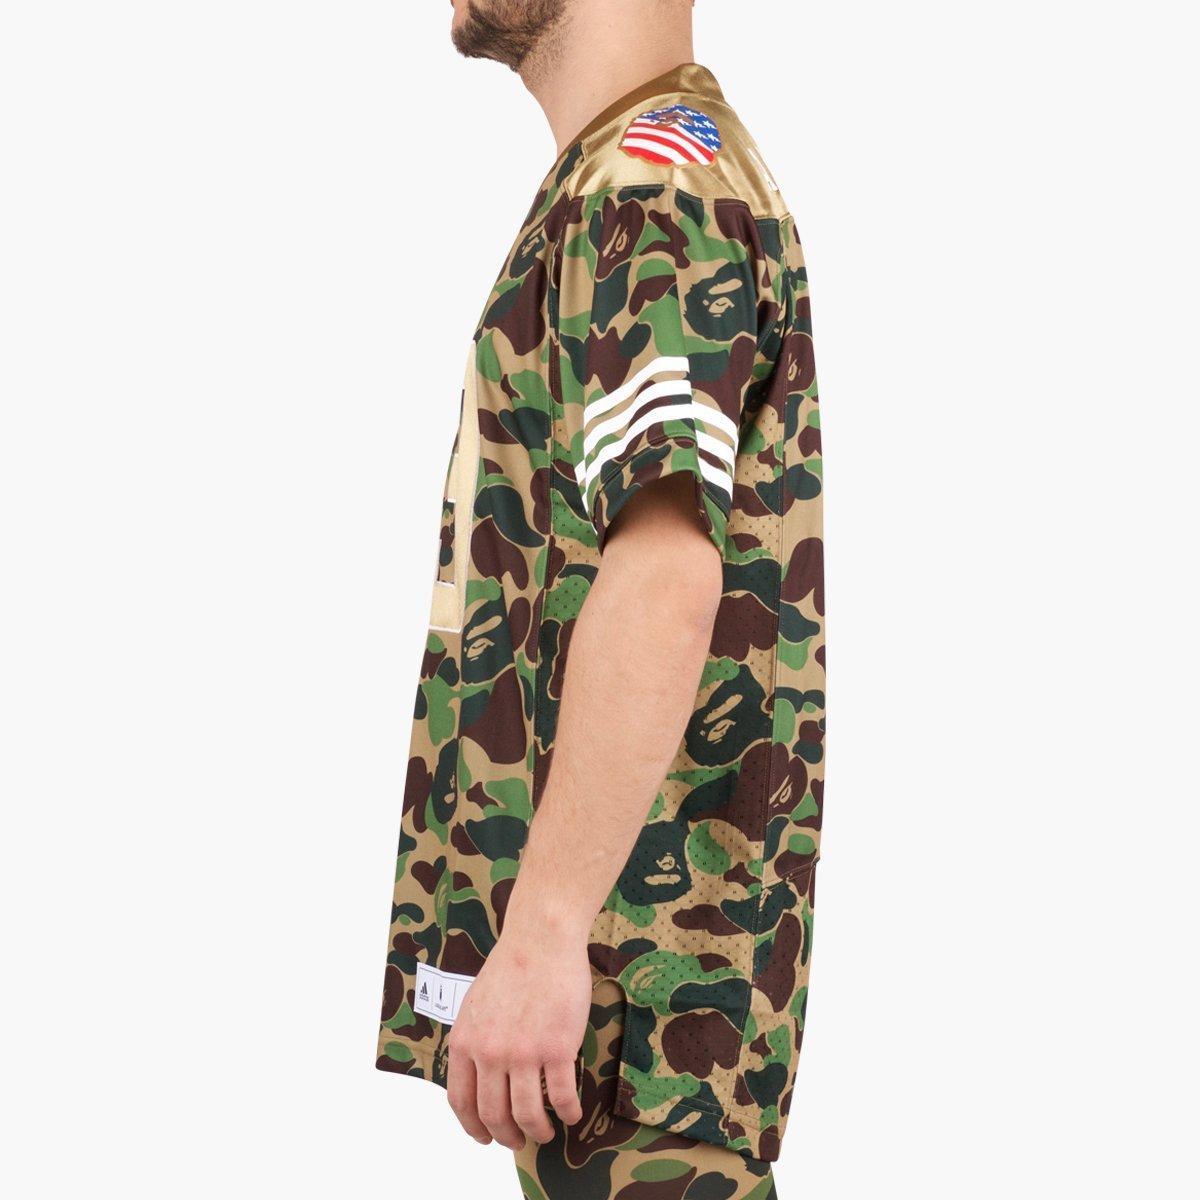 31182f98 adidas Originals Adidas Originals Fb Jersey Bape Sb in Green for Men ...